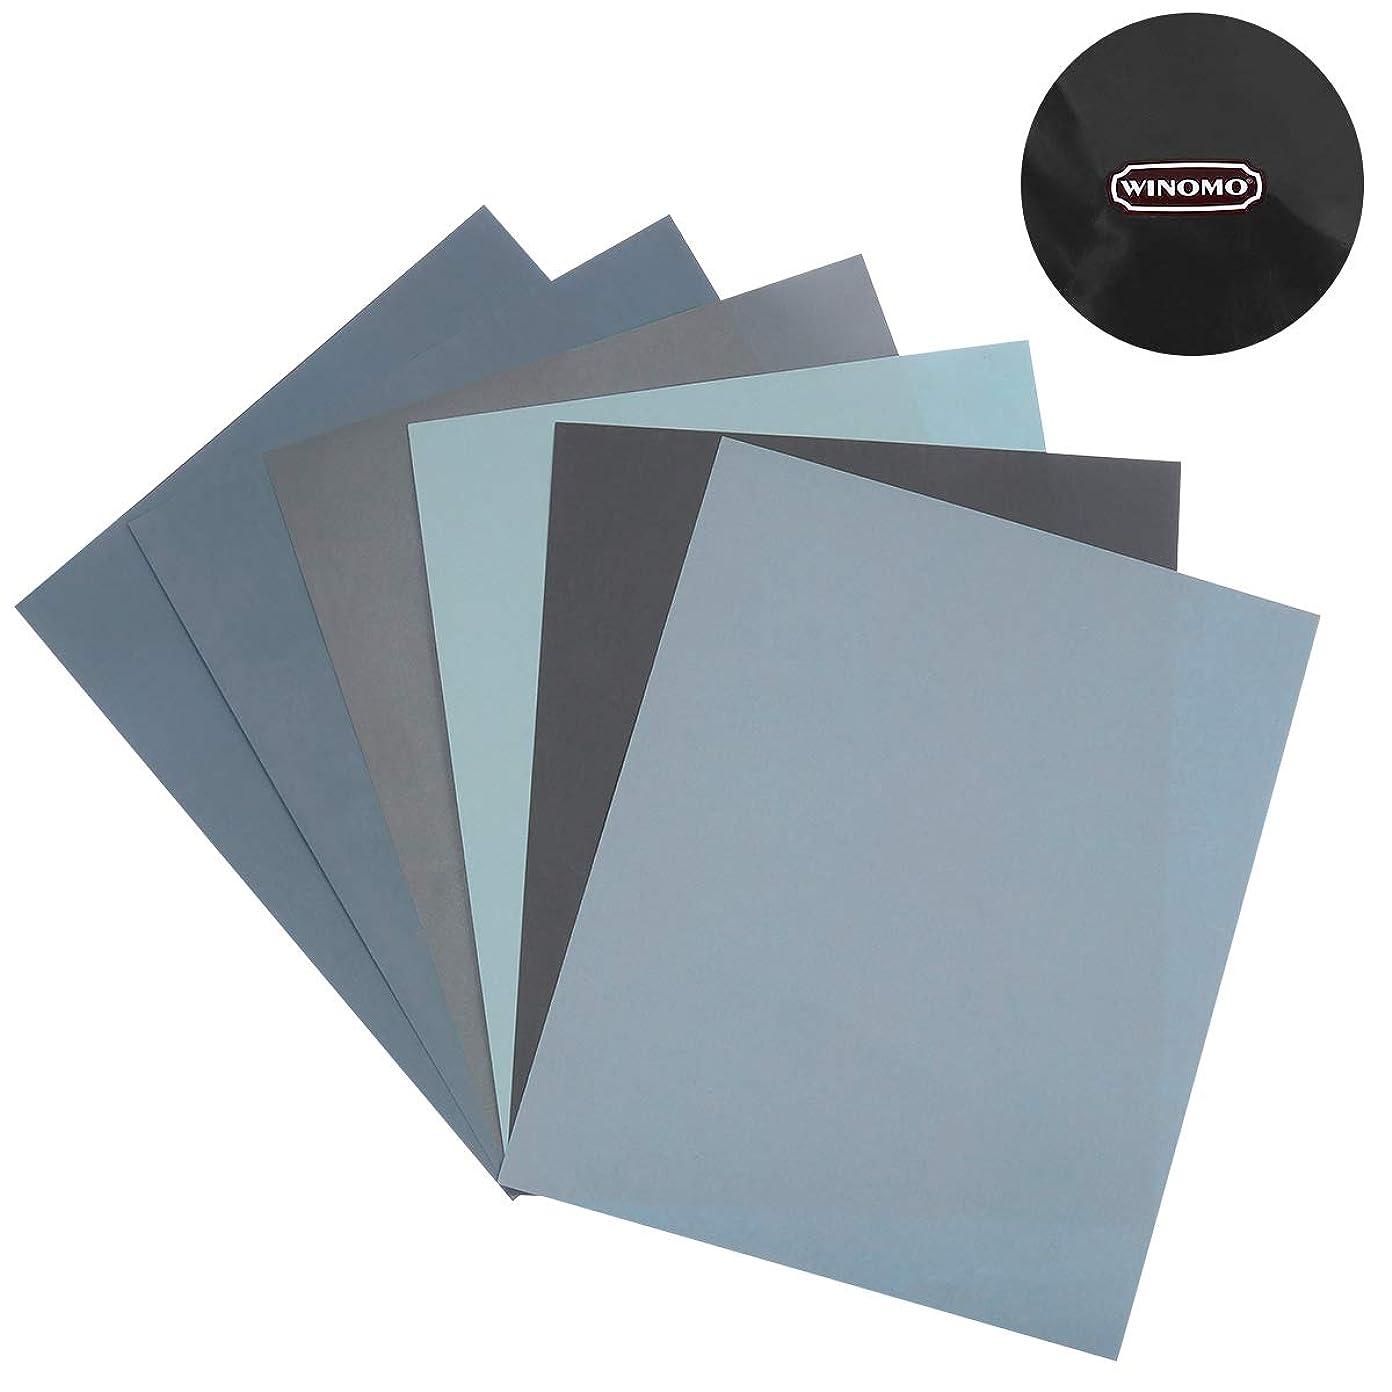 紙やすり セット 研磨ペーパー 耐水ペーパー 大工道具 用品 12枚 (1500 2000 2500 3000 5000 8000 各2枚)